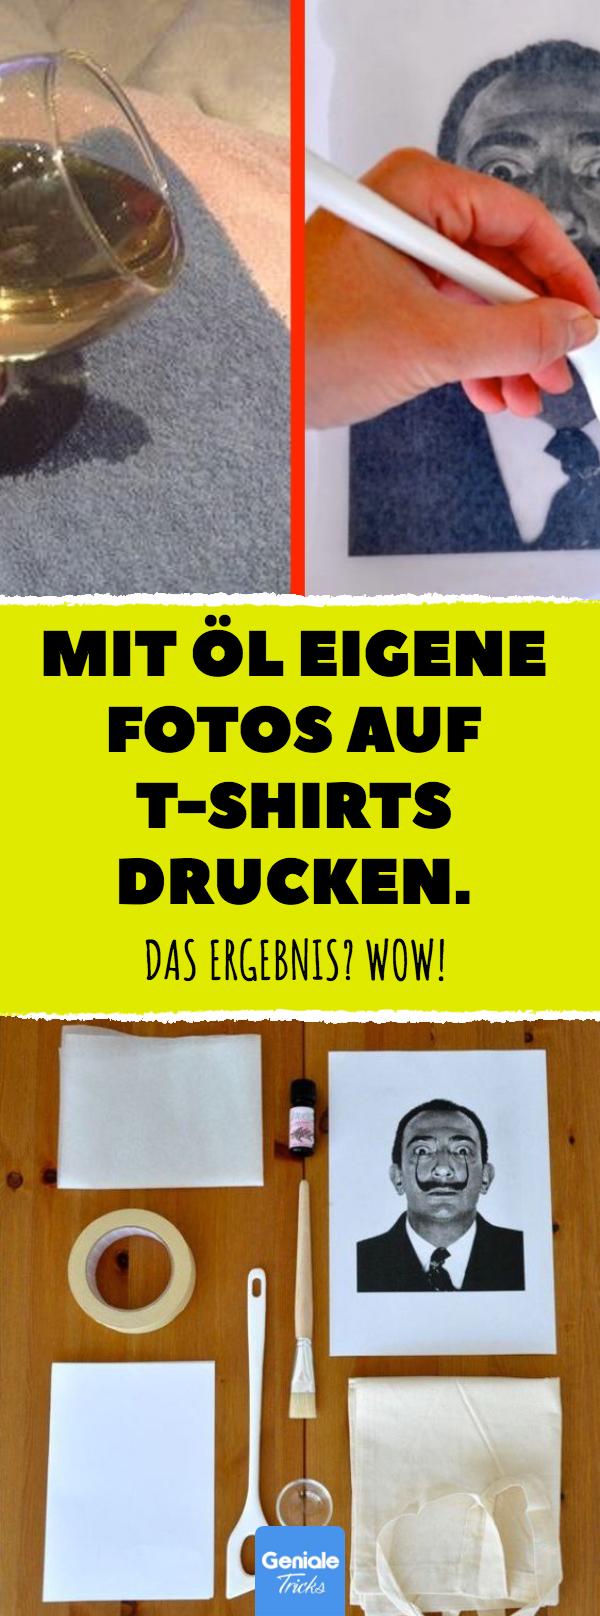 Mit Öl eigene Fotos auf T-Shirts drucken. #upcycling #shirt #print #diy #jutebeutel #lavendelöl #stofftasche #baumwolle #individuell #shirtschnittmuster